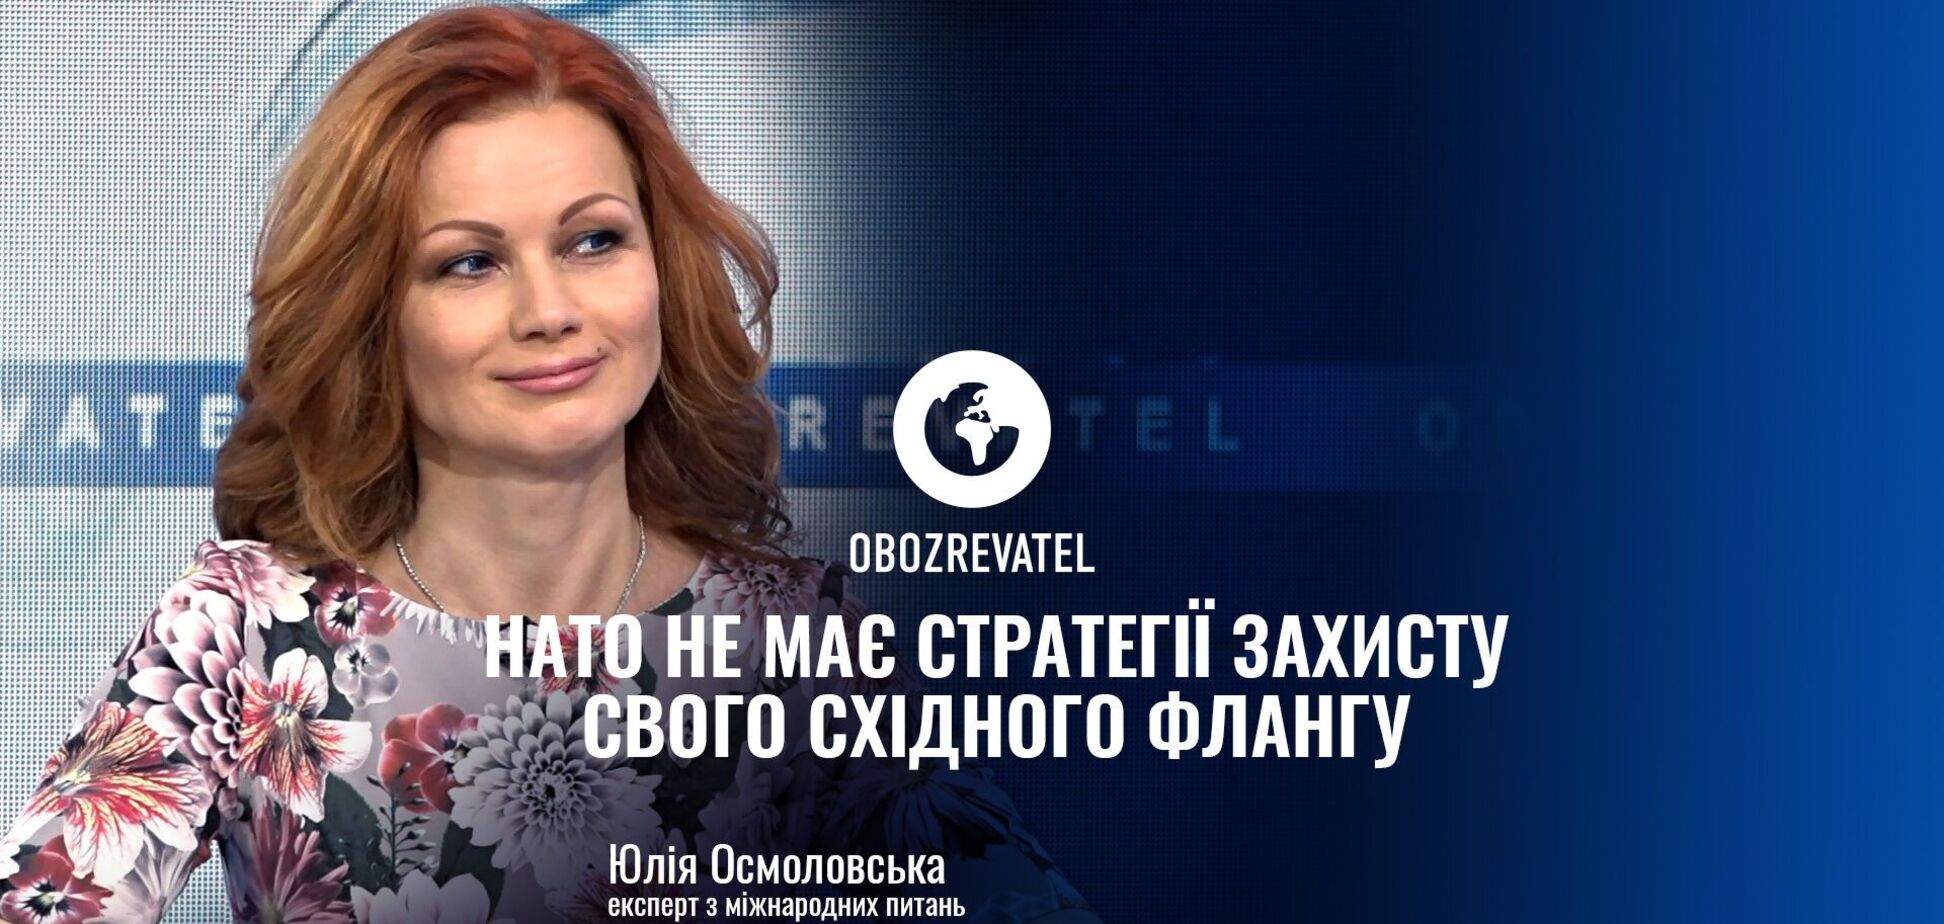 Украина может создать альянс с Румынией и Молдовой, чтобы совместно противостоять агрессору, – Юлия Осмоловская